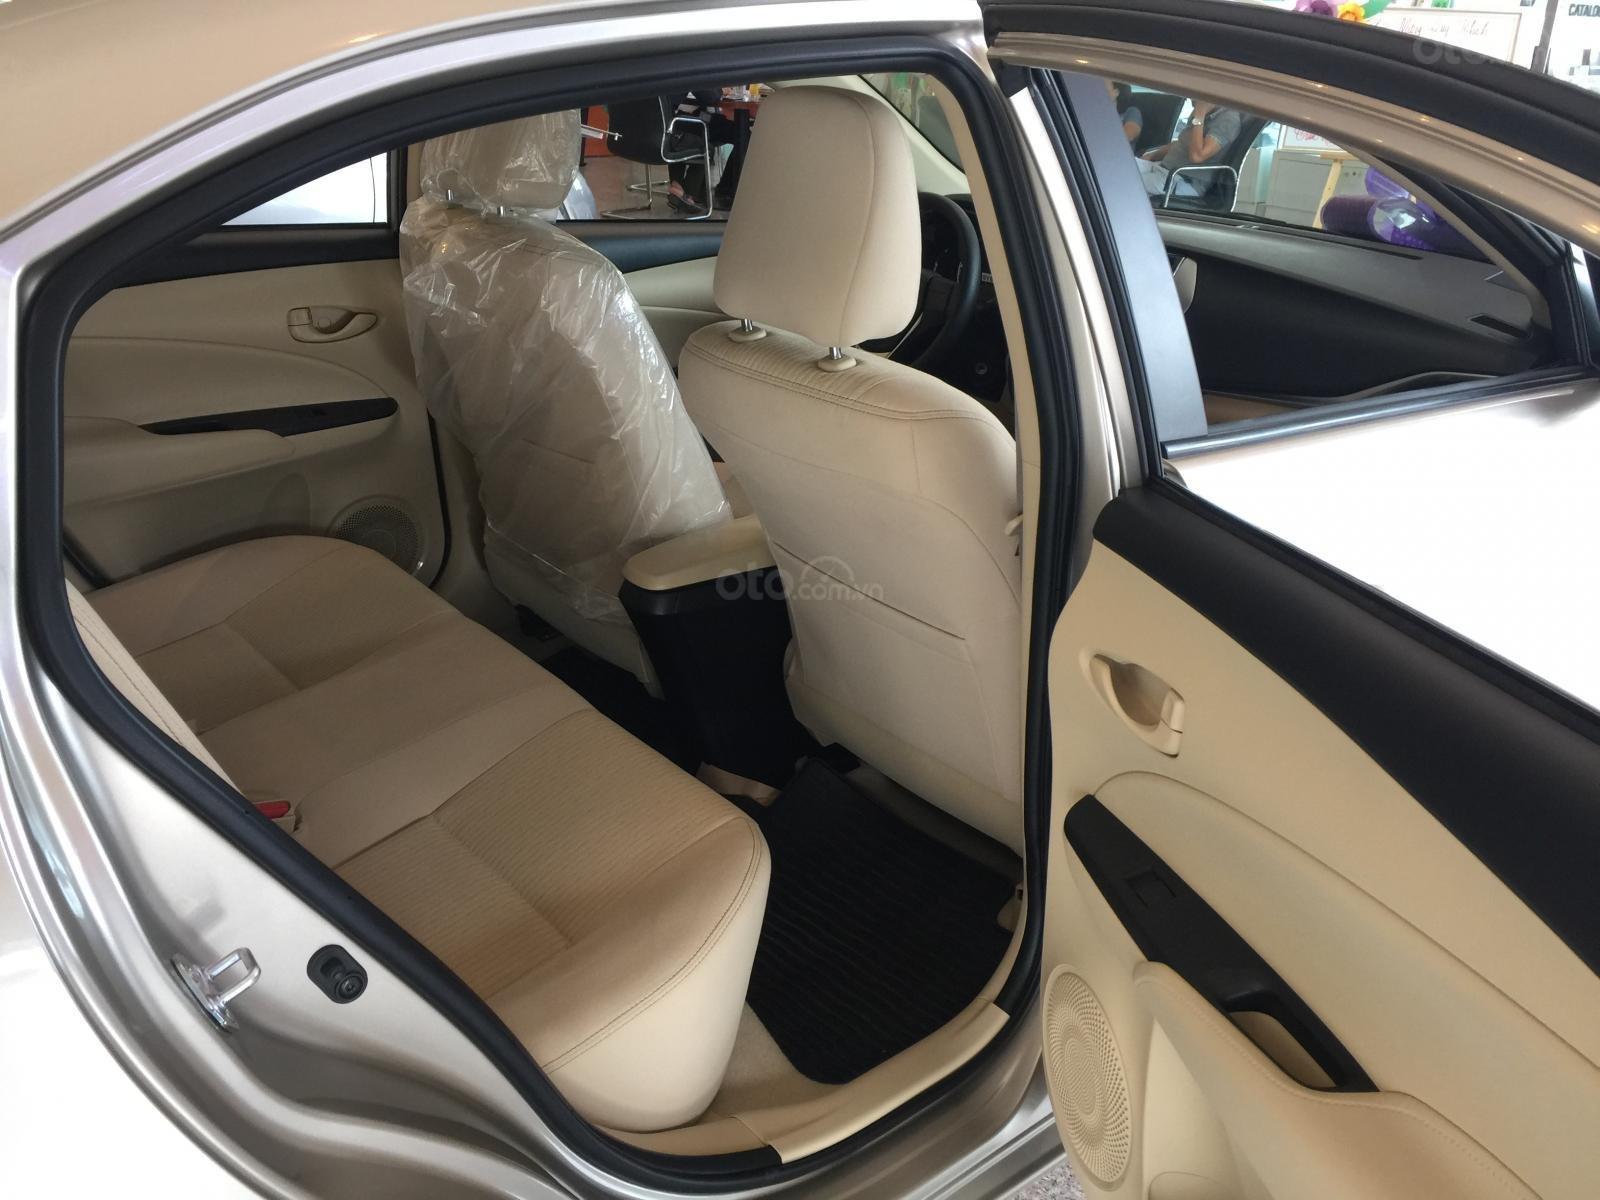 Toyota Vios E CVT 2019 giảm 20 trđ chỉ còn 570 trđ tại Toyota Tân Cảng- trả góp lãi suất 0%- LH ngay 0901.92.33.99  (9)